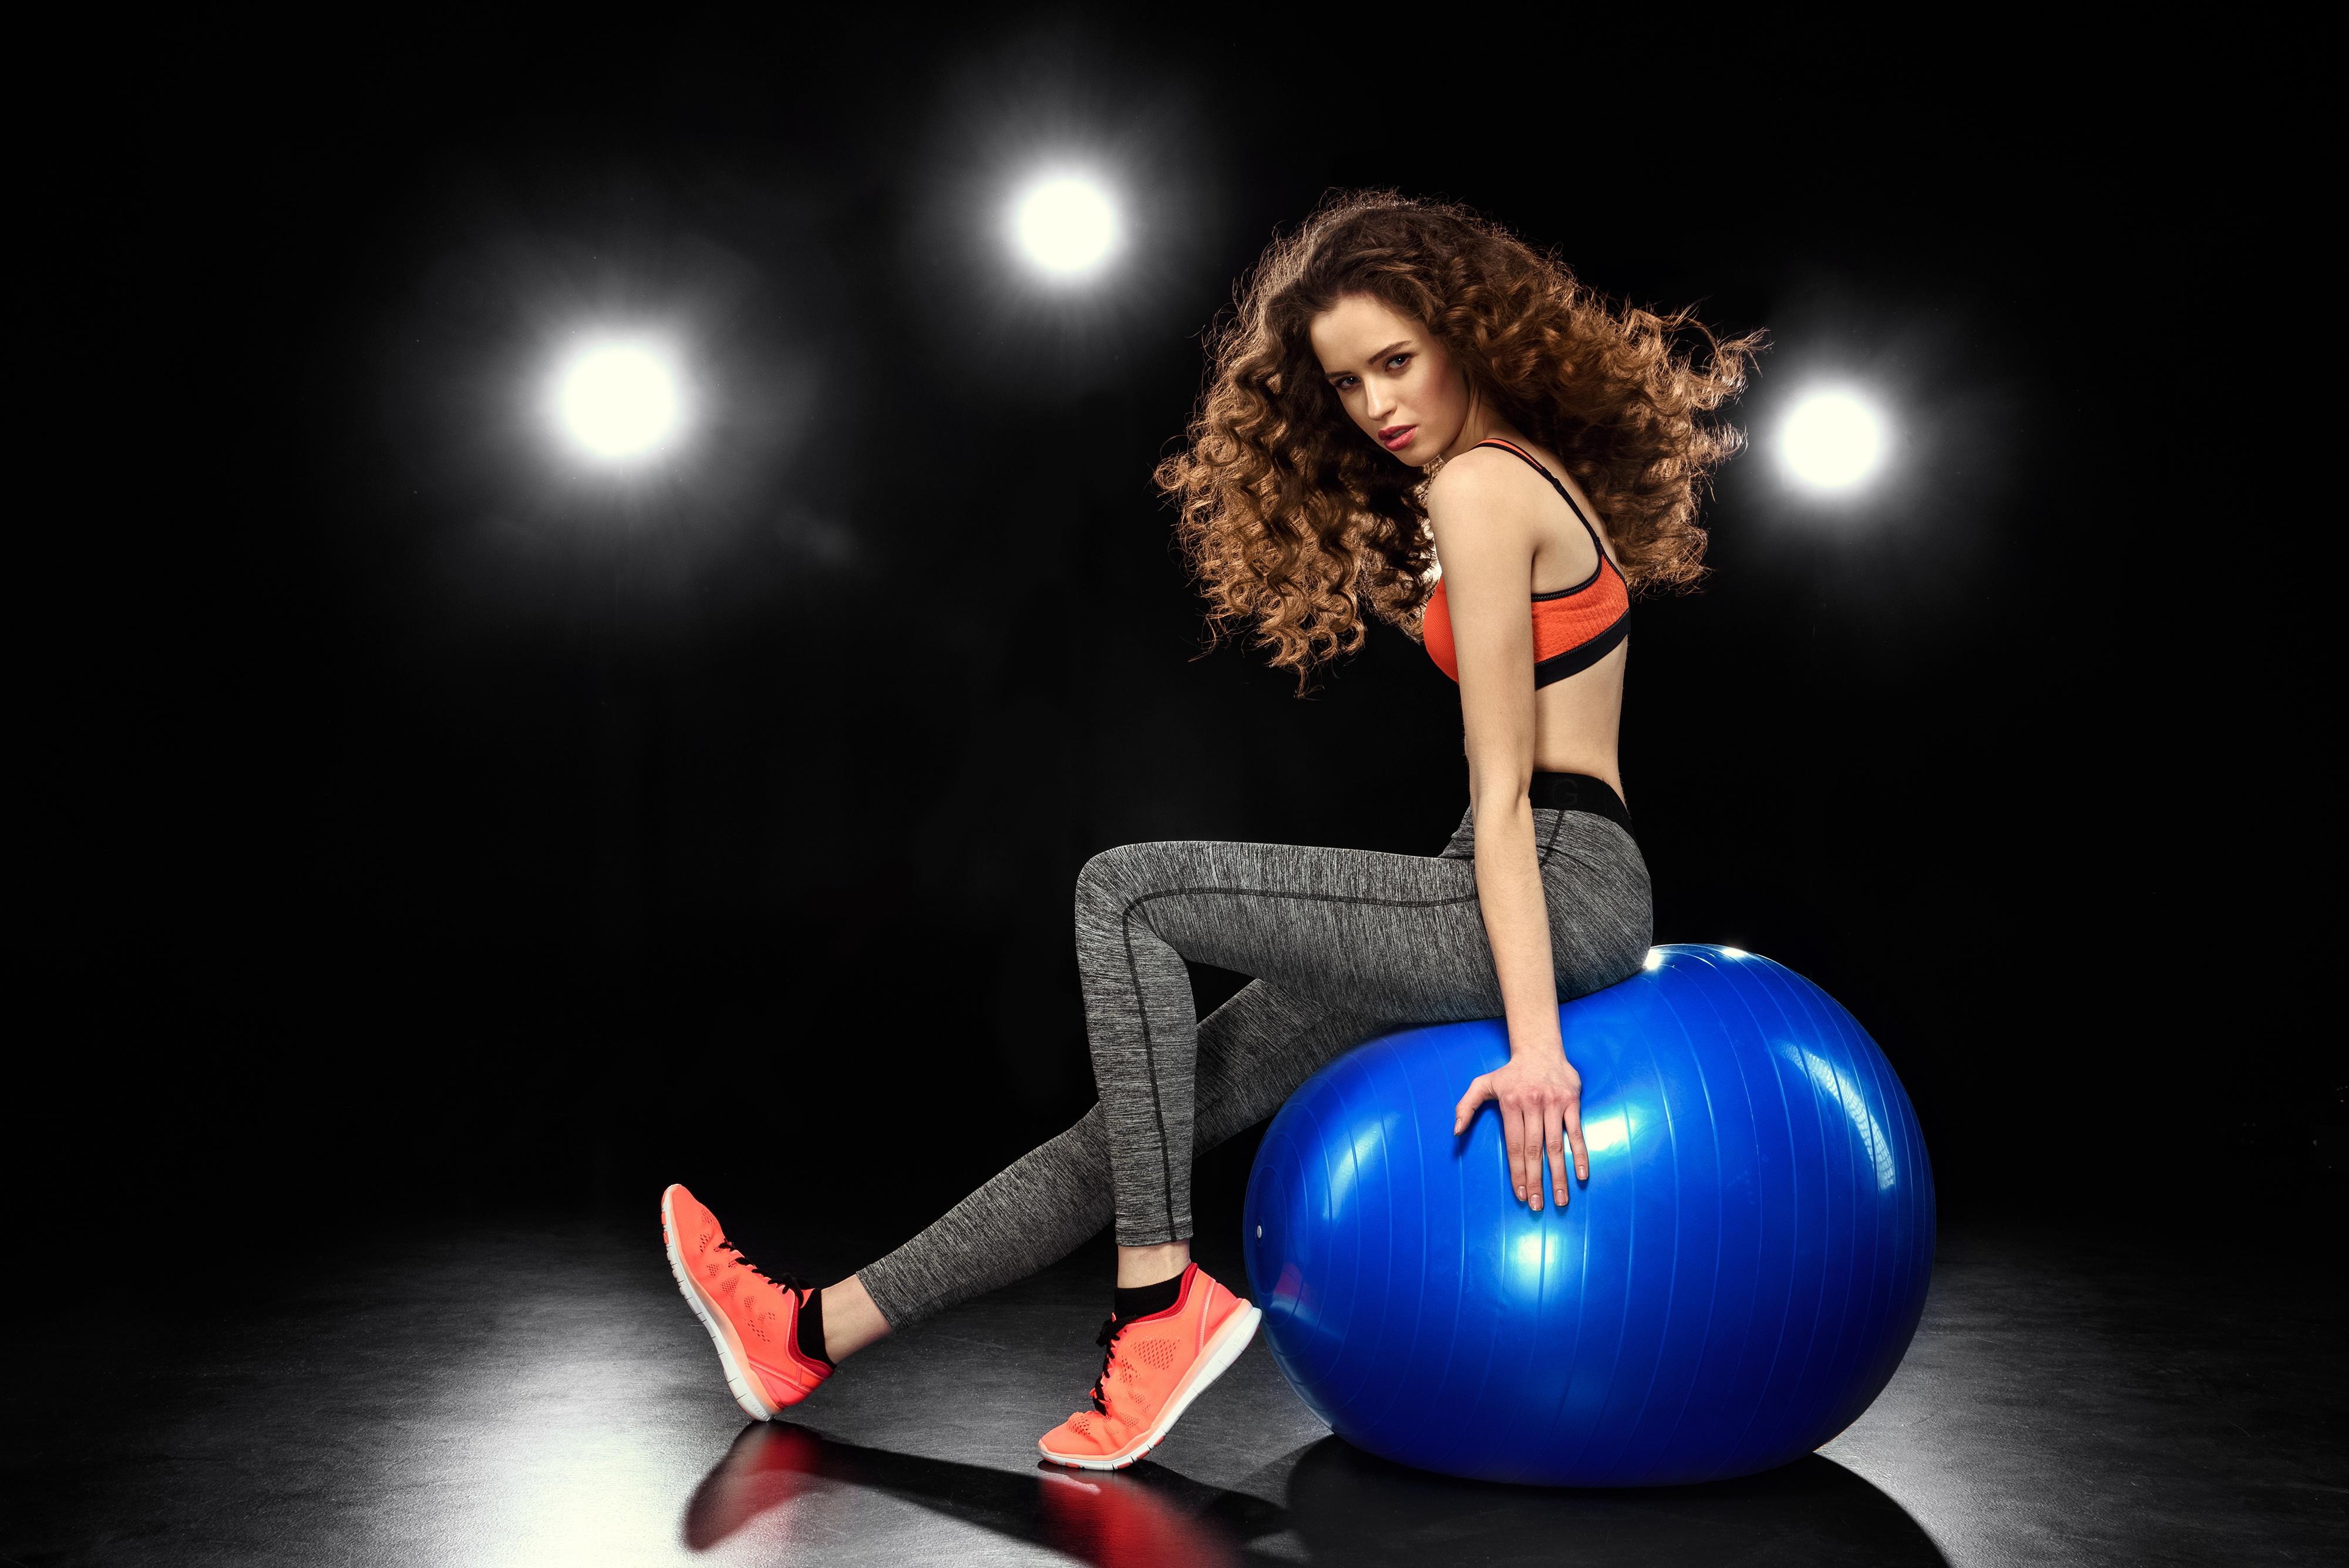 Fitness: Girl, Long Hair, Brunette, Woman, Model, Fitness